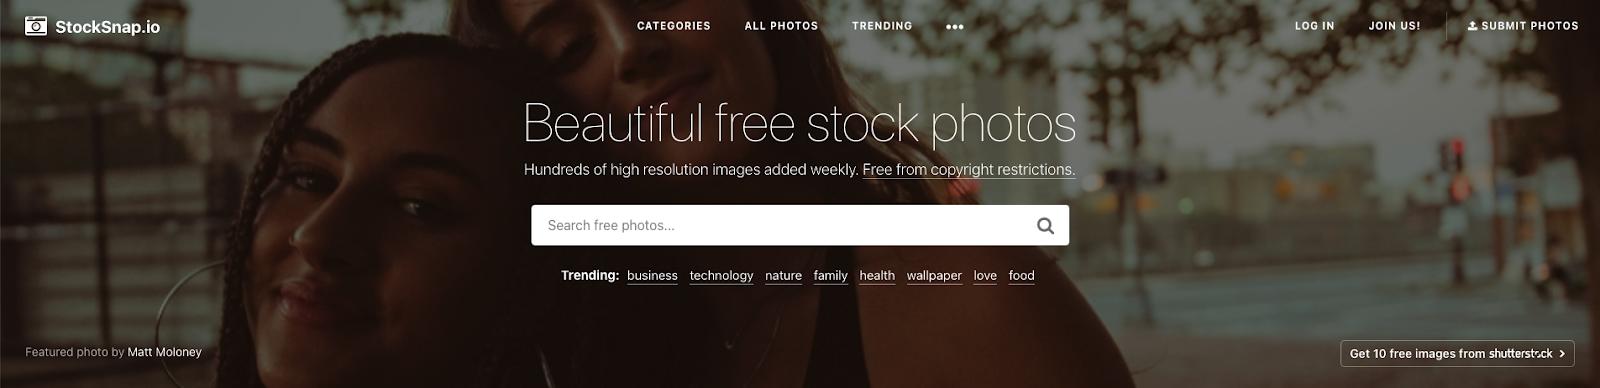 Stocksnap home page screengrab